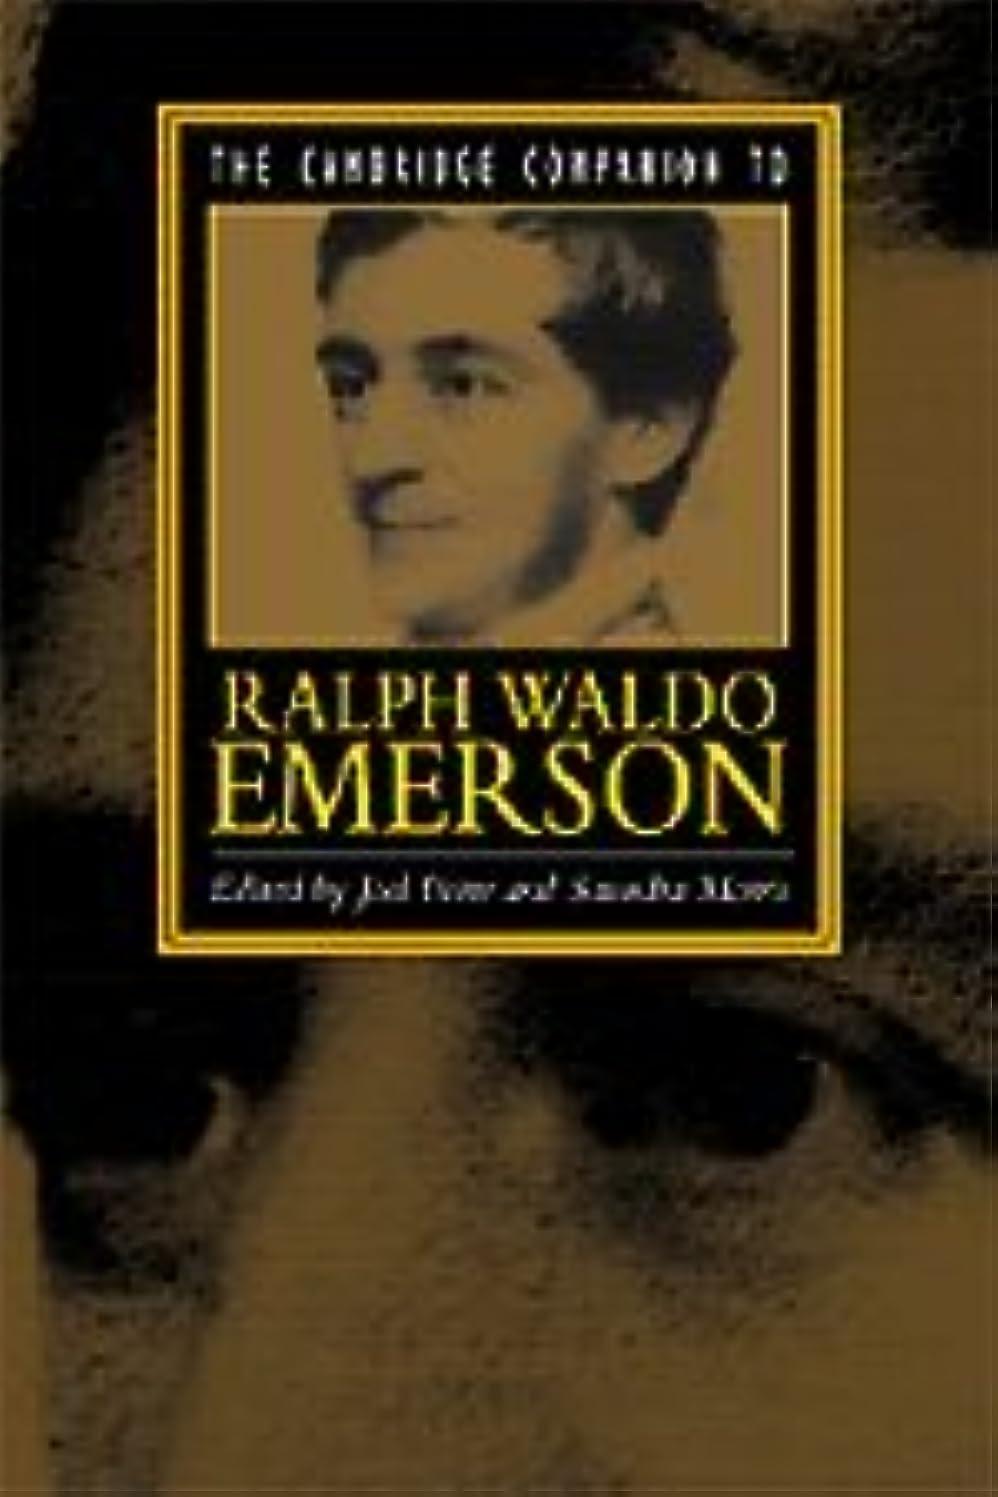 ファックスかろうじて悲惨なThe Cambridge Companion to Emerson (Cambridge Companions to Literature)